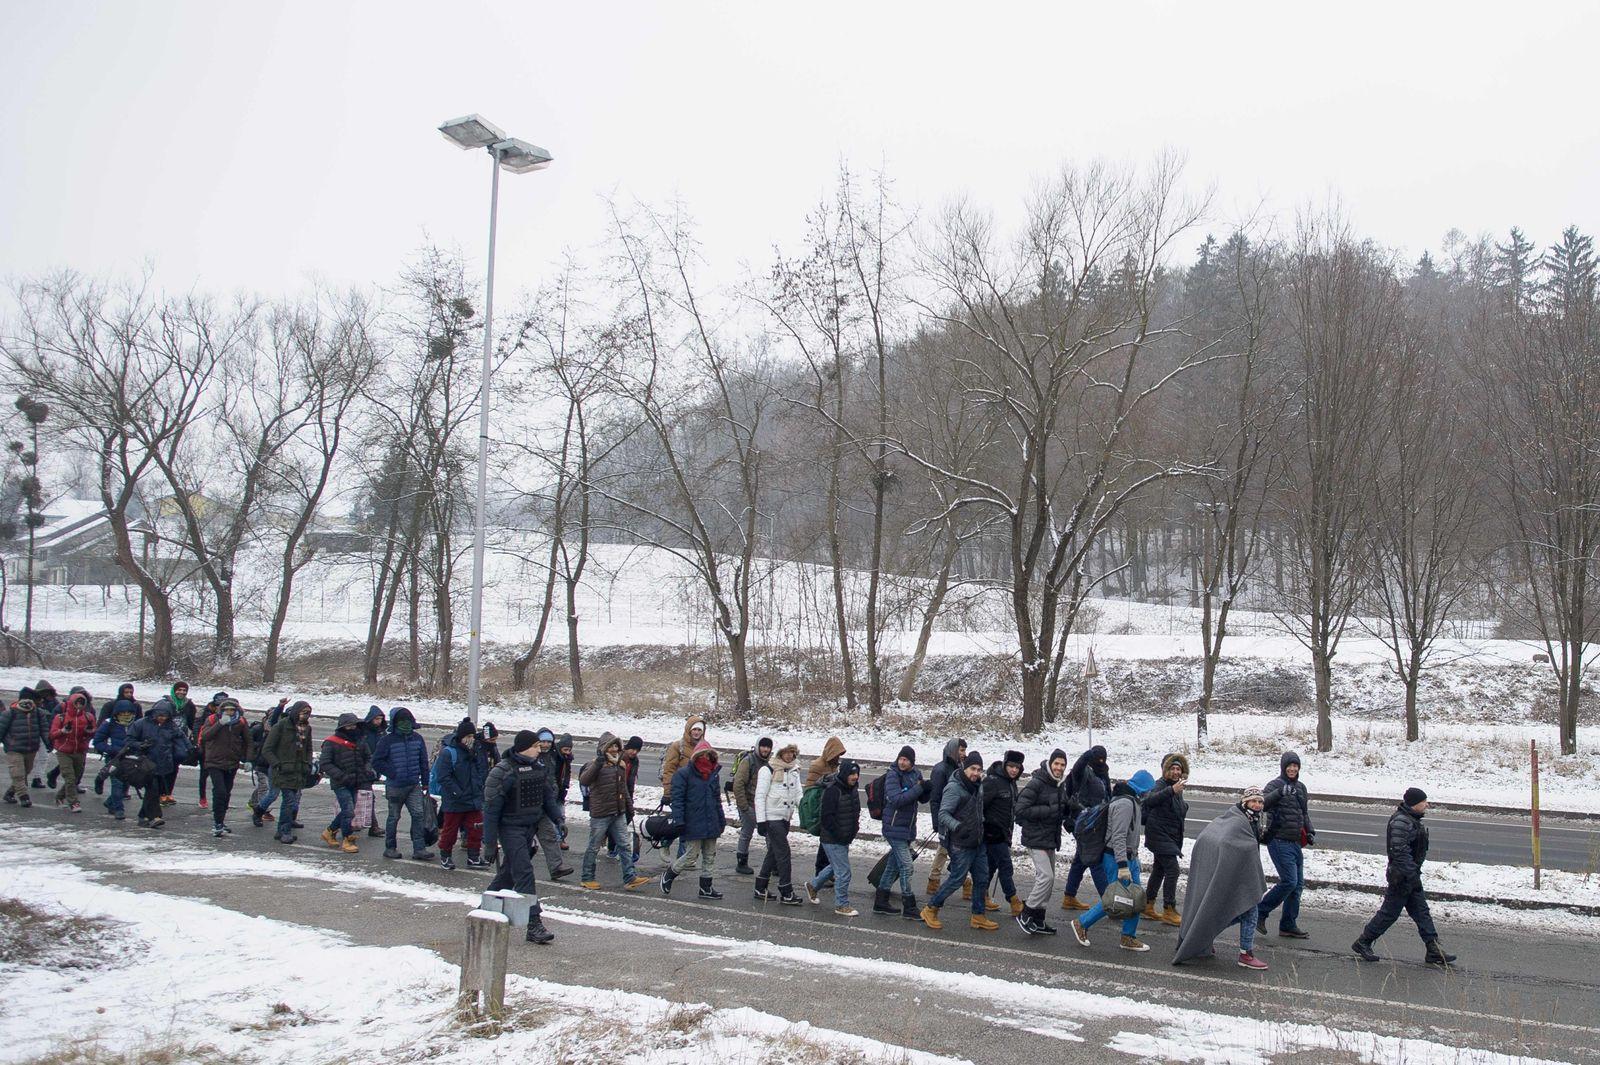 SLOVENIA-EUROPE-MIGRANTS